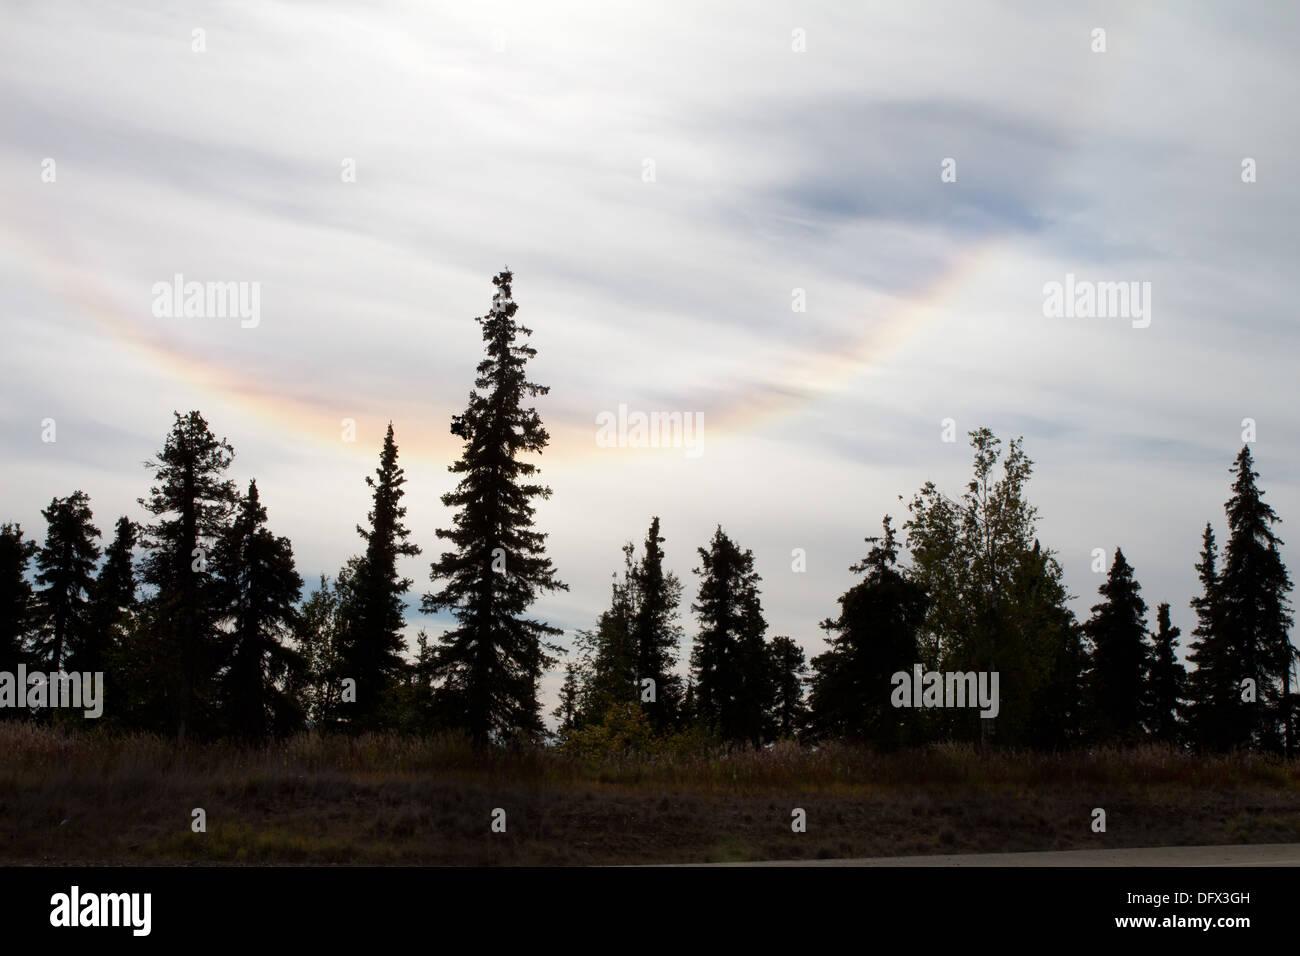 Upside-down Regenbogen oder Circumzenithal Bogen, eine seltene optische Erscheinung in Alaska Stockbild